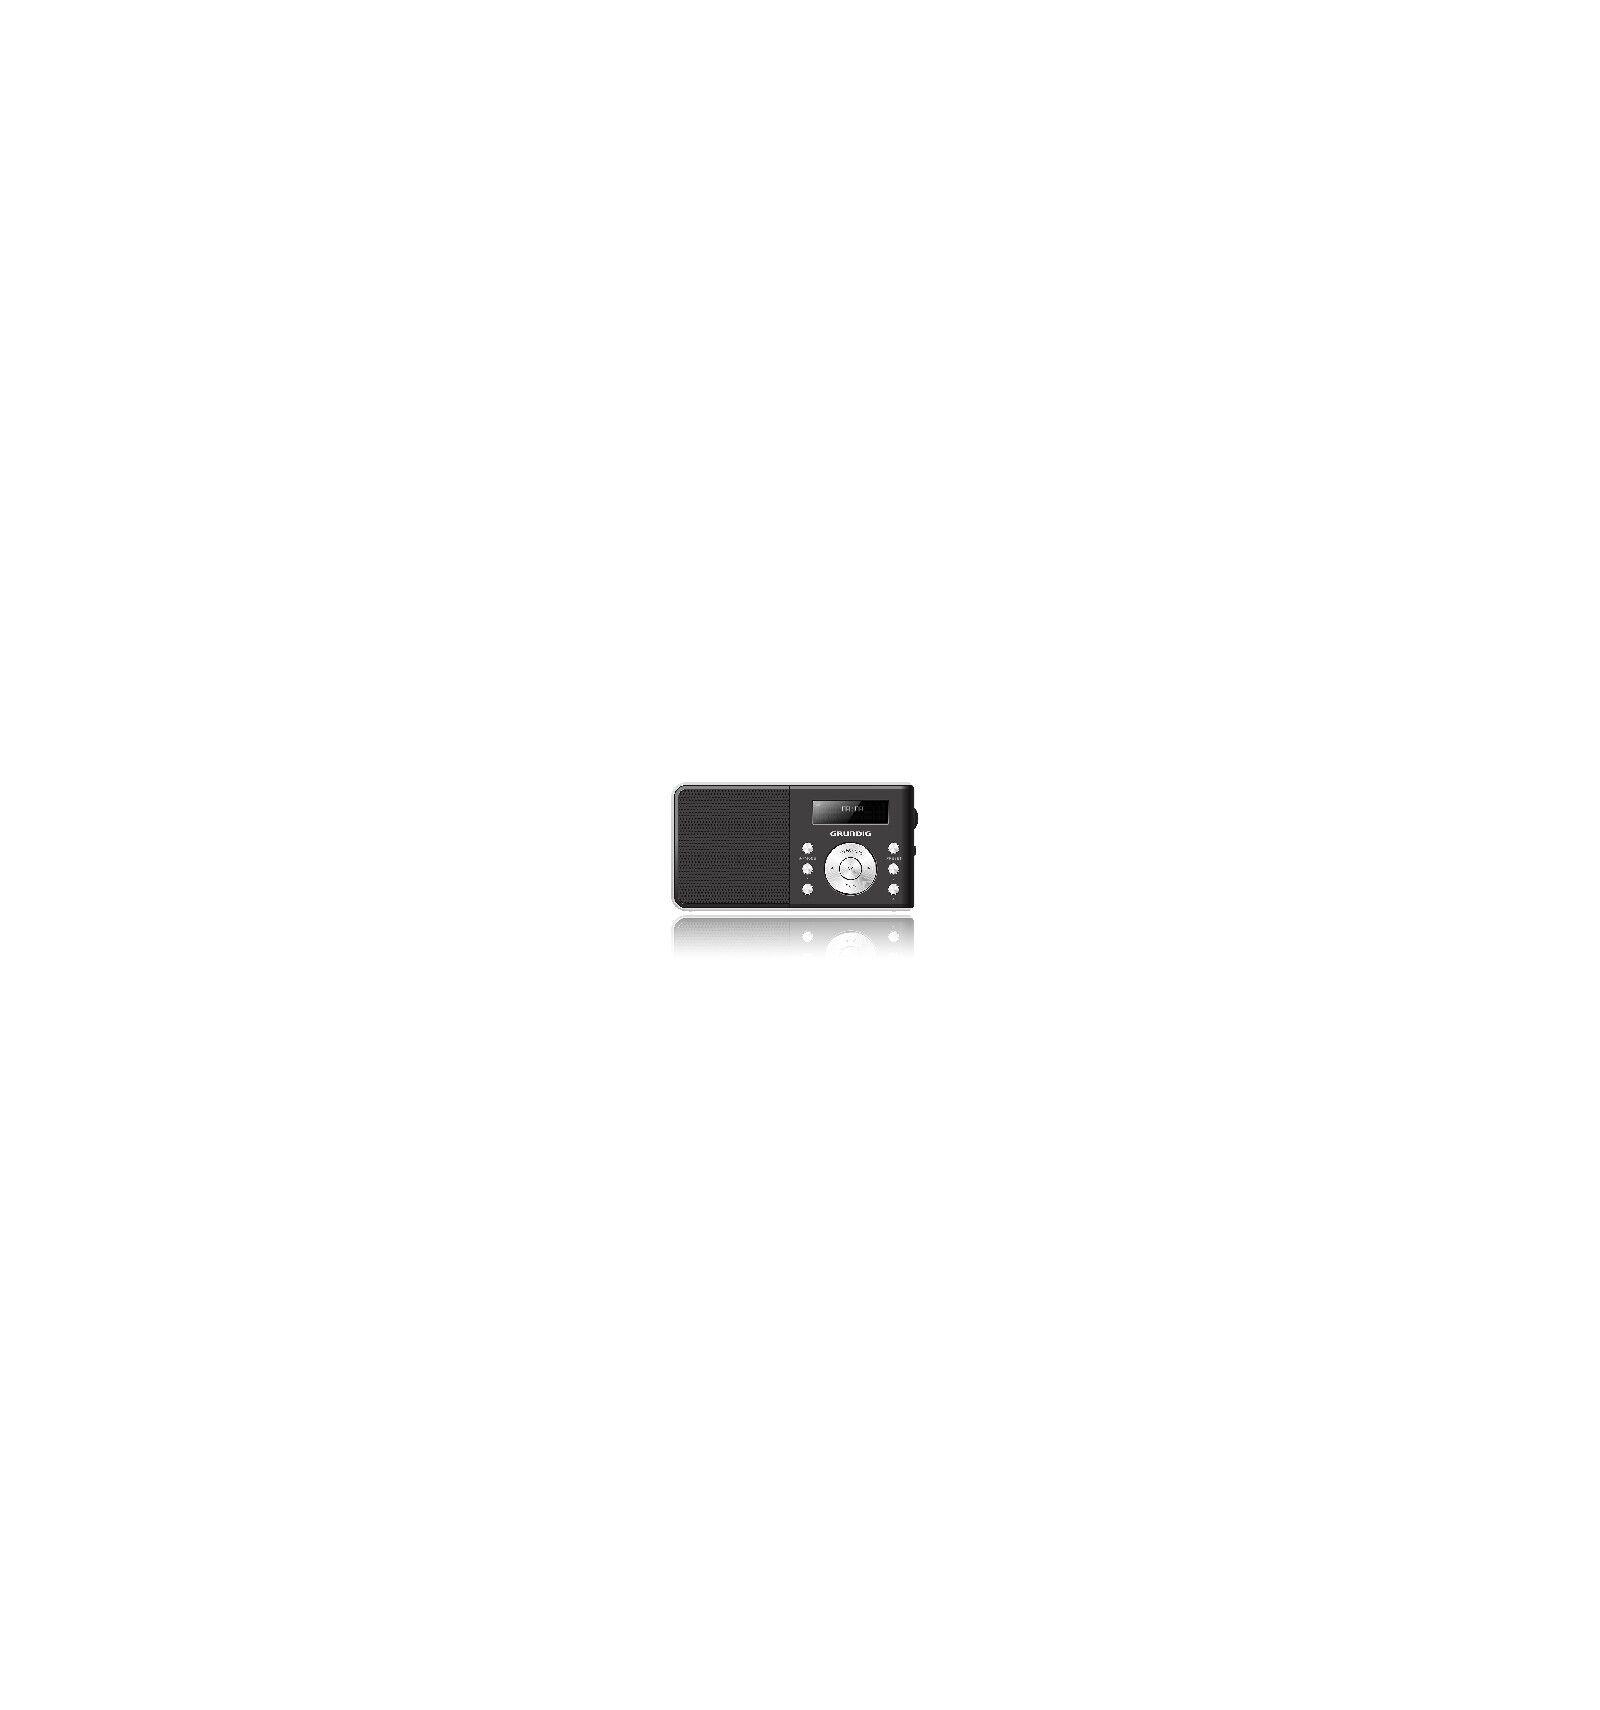 Grundig Music 6000 DAB+ radio Henkilökohtainen Digitaalinen Musta